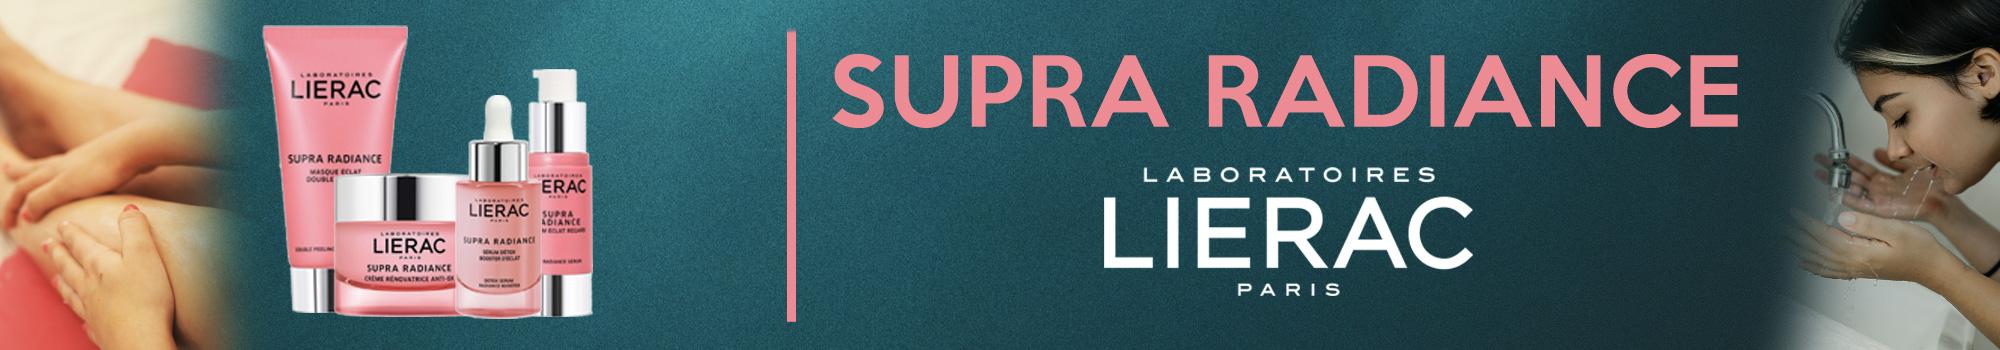 Liérac Supra Radiance